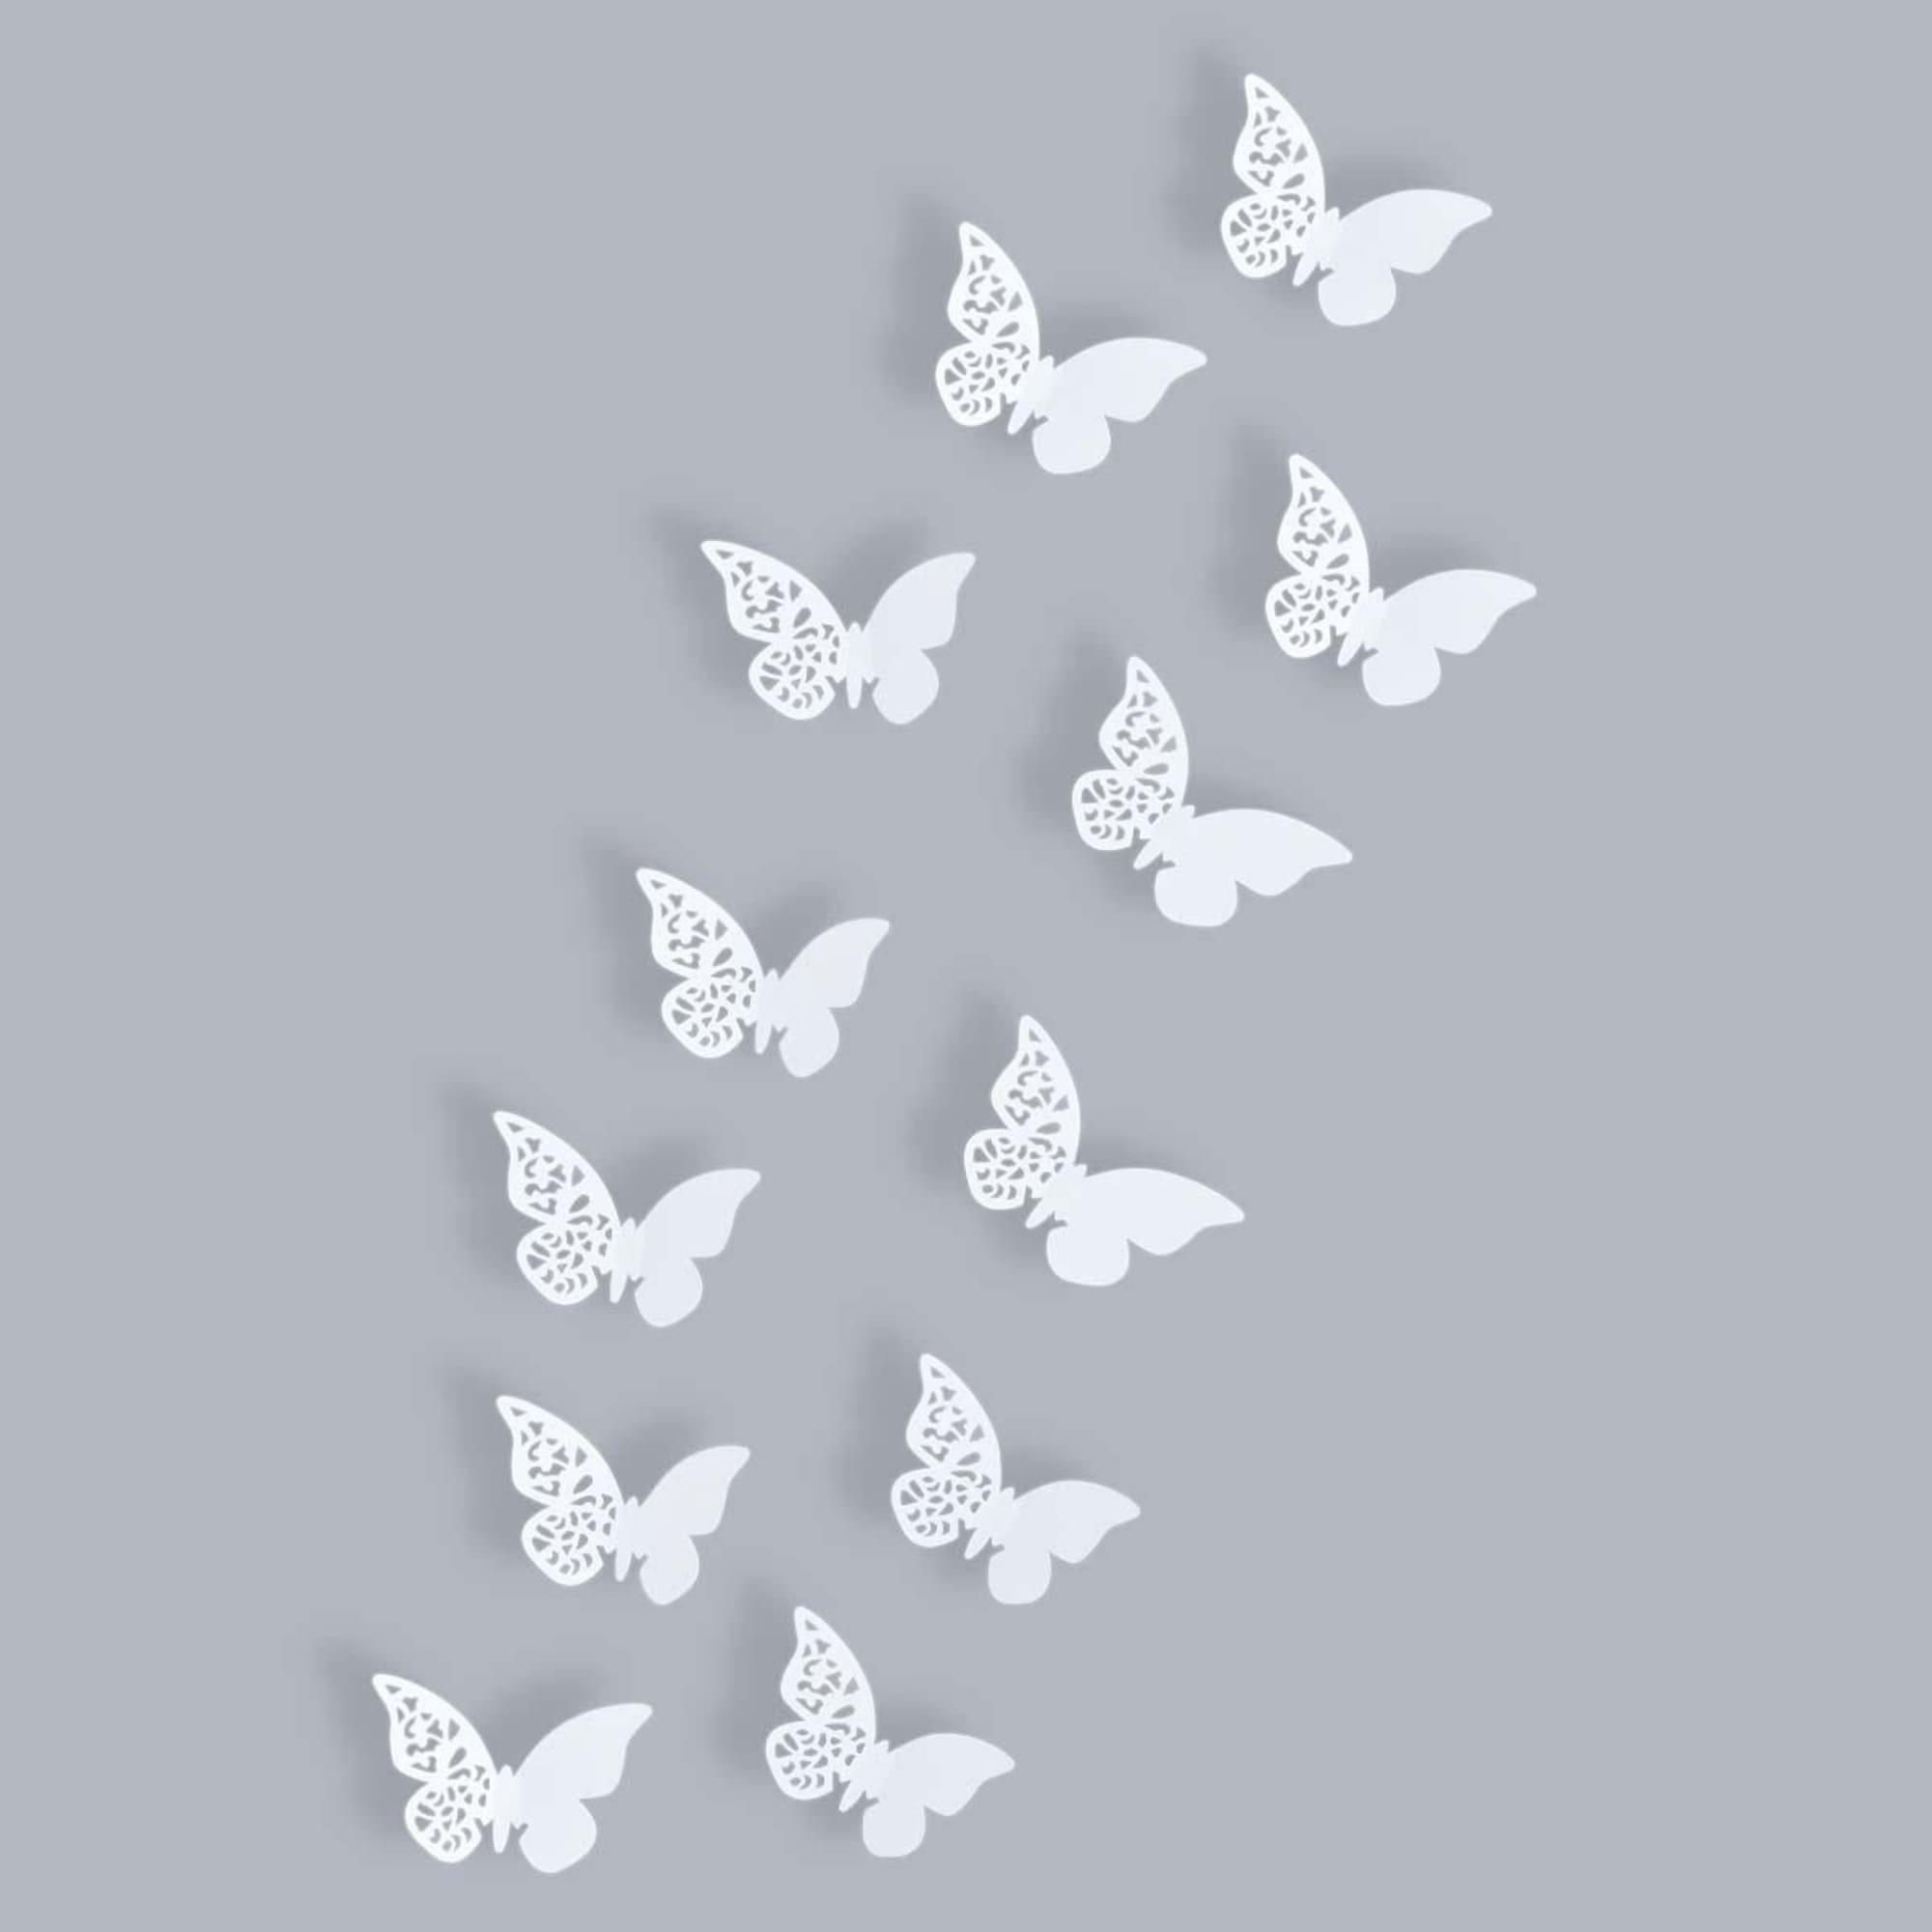 """Deko Schmetterlinge Für Die Wand wand-deko-set """"schmetterling ornament"""", 12-tlg."""